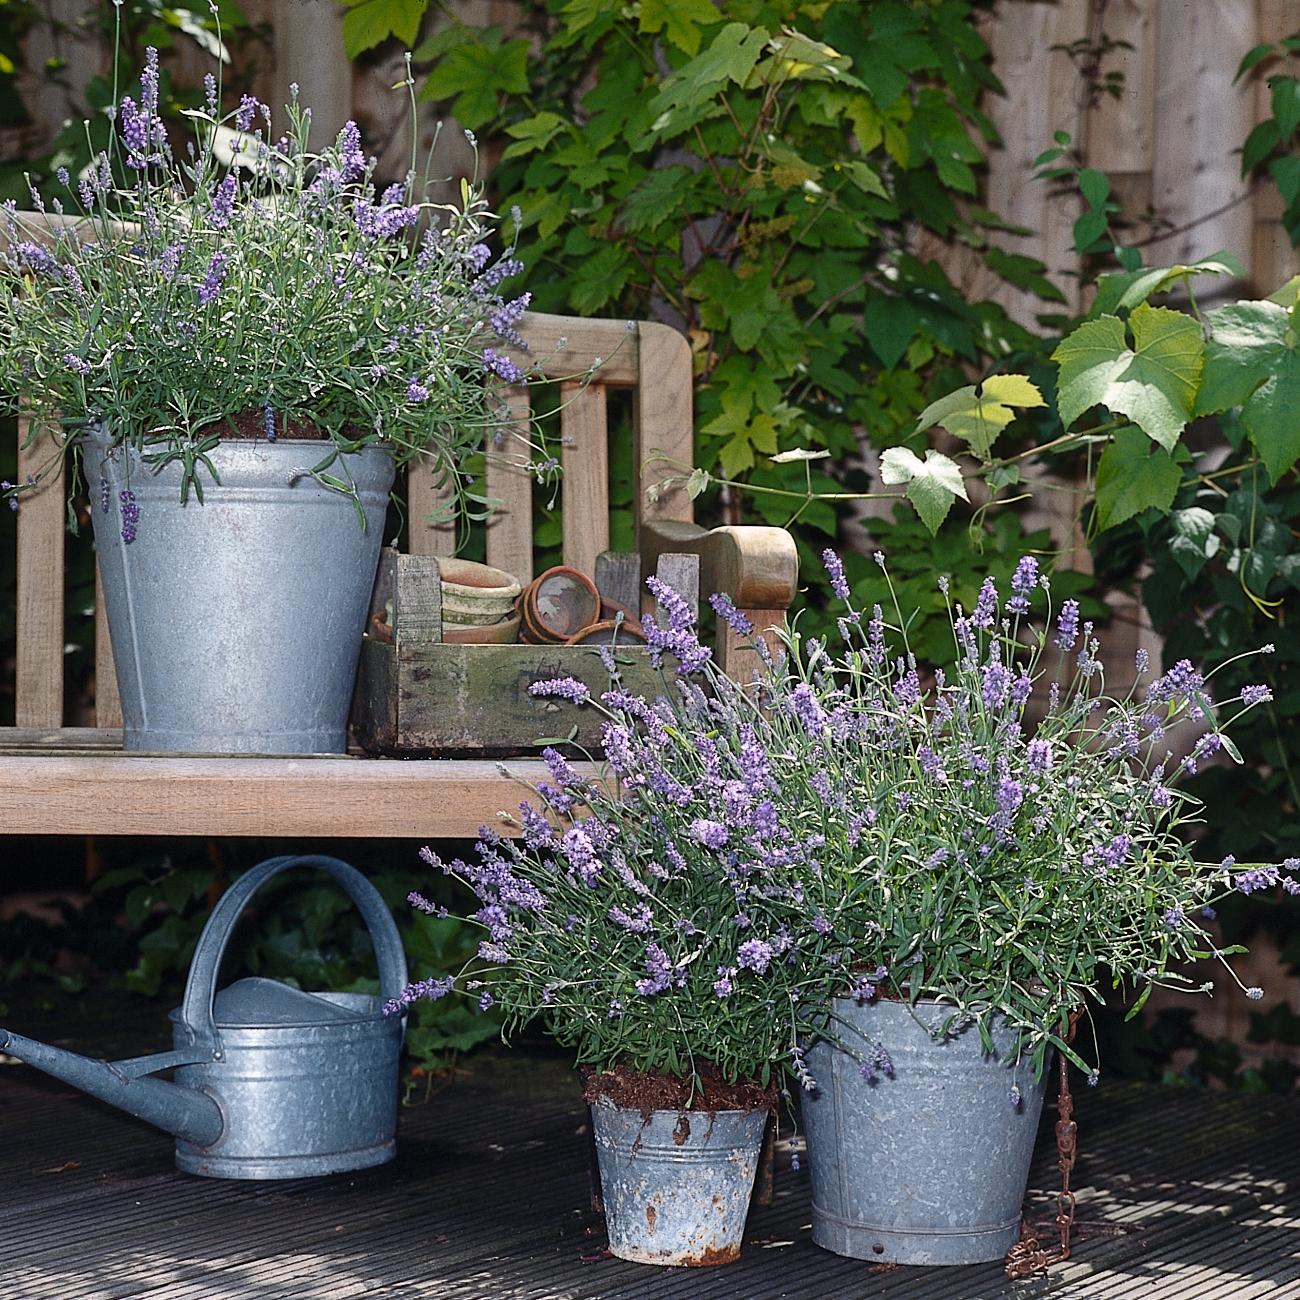 Quelle Plante En Pot Pour Terrasse planter la lavande en pot | gamm vert